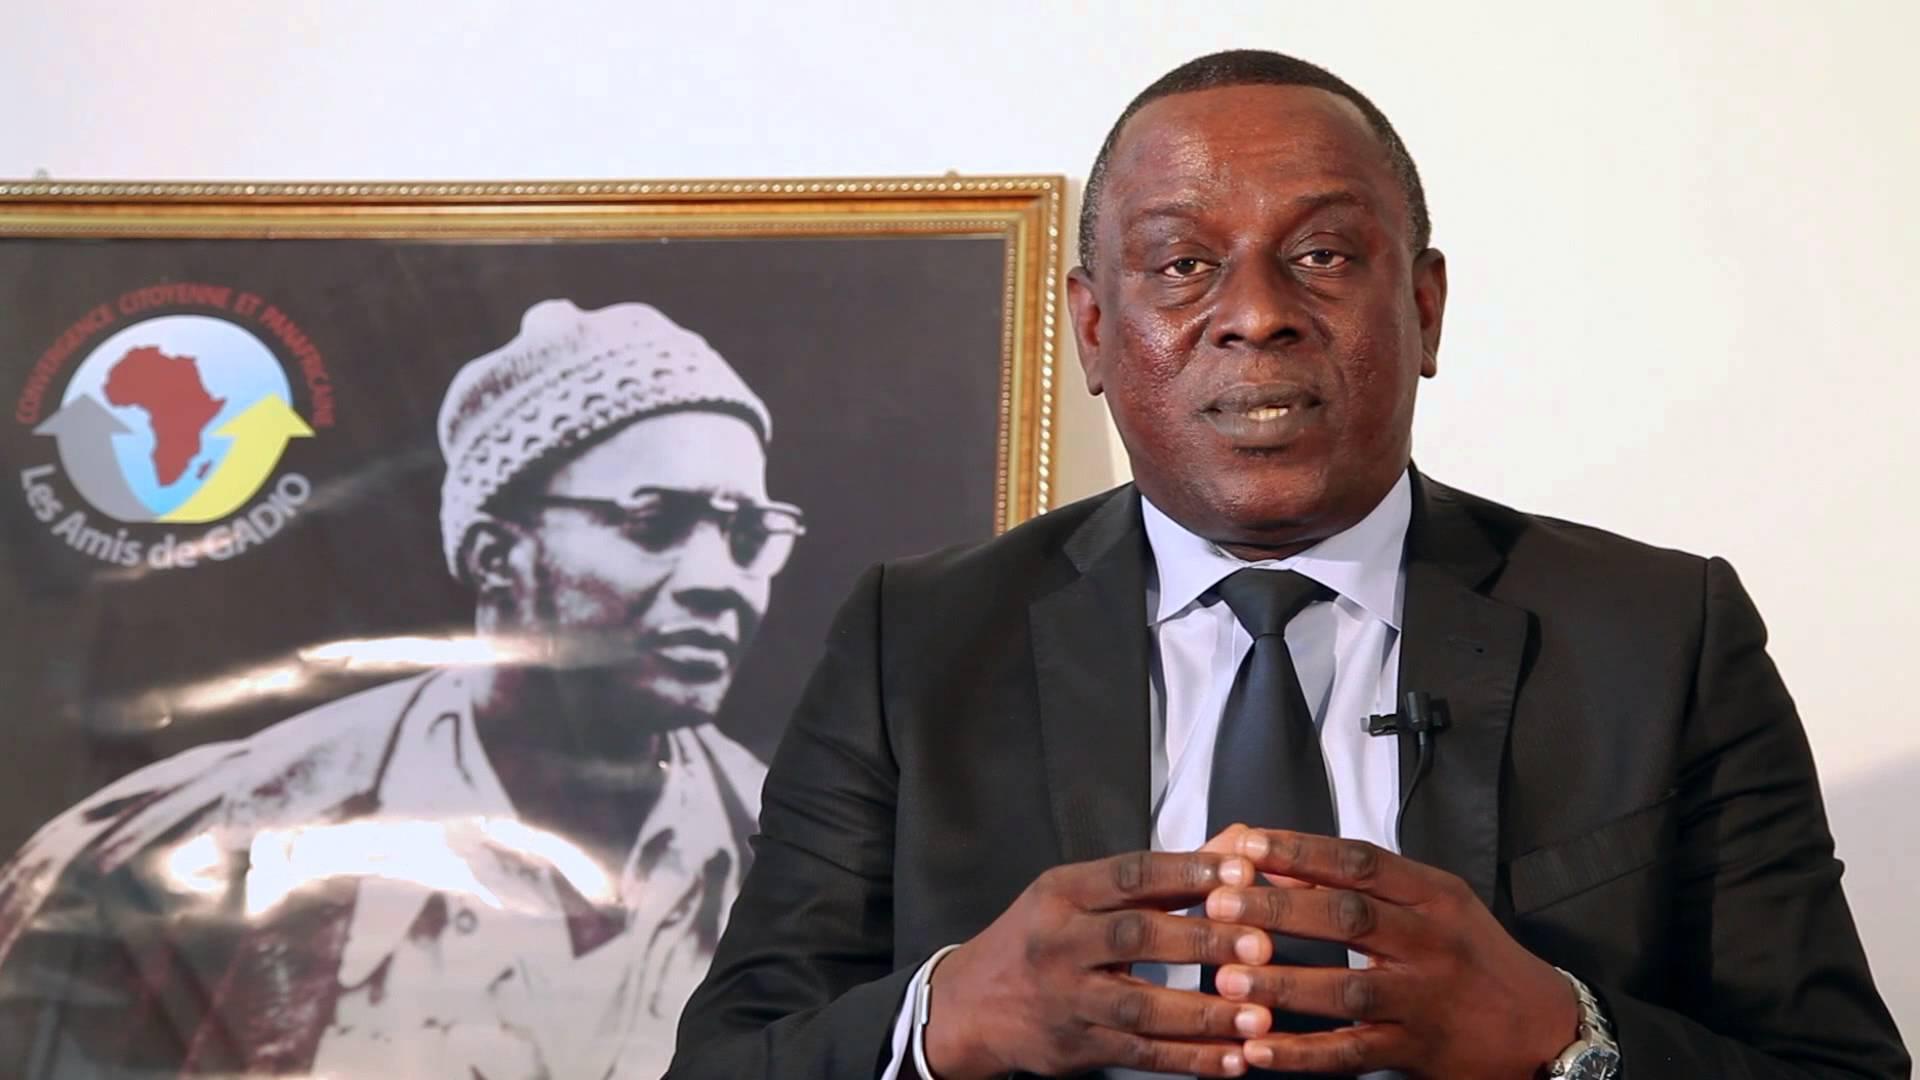 Cheikh Tidiane Gadio, Abdoulaye Baldé, Moustapha Bamba Guirassy, Marième Wane Ly, ainsi que d'autres mouvements affiliés participeront aux Législatives via une nouvelle coalition qui va se démarquer de Benno et de Manko Taxawu Senegaal.